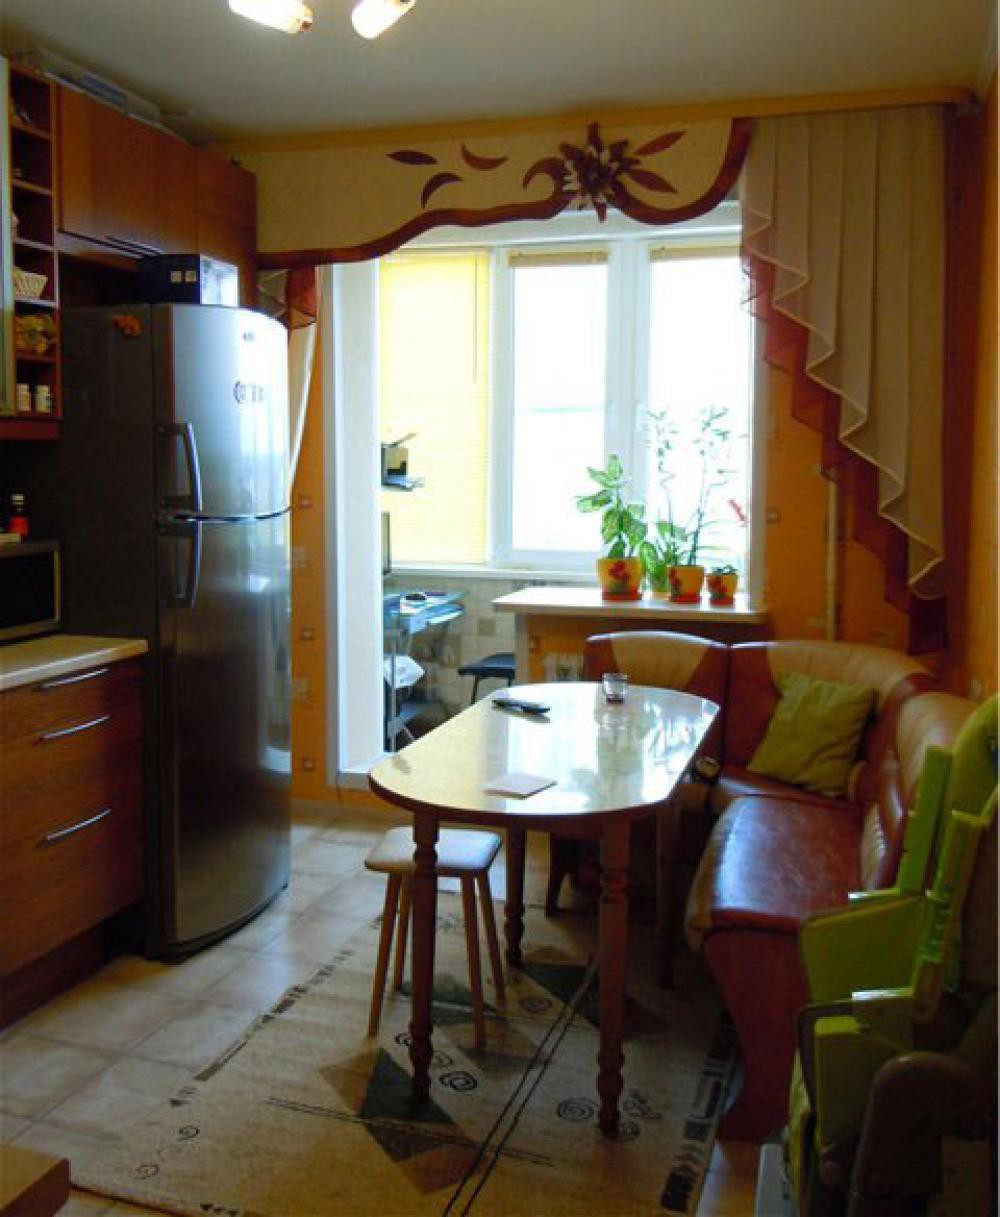 Примеры присоединения балконов и лоджий к кухне.